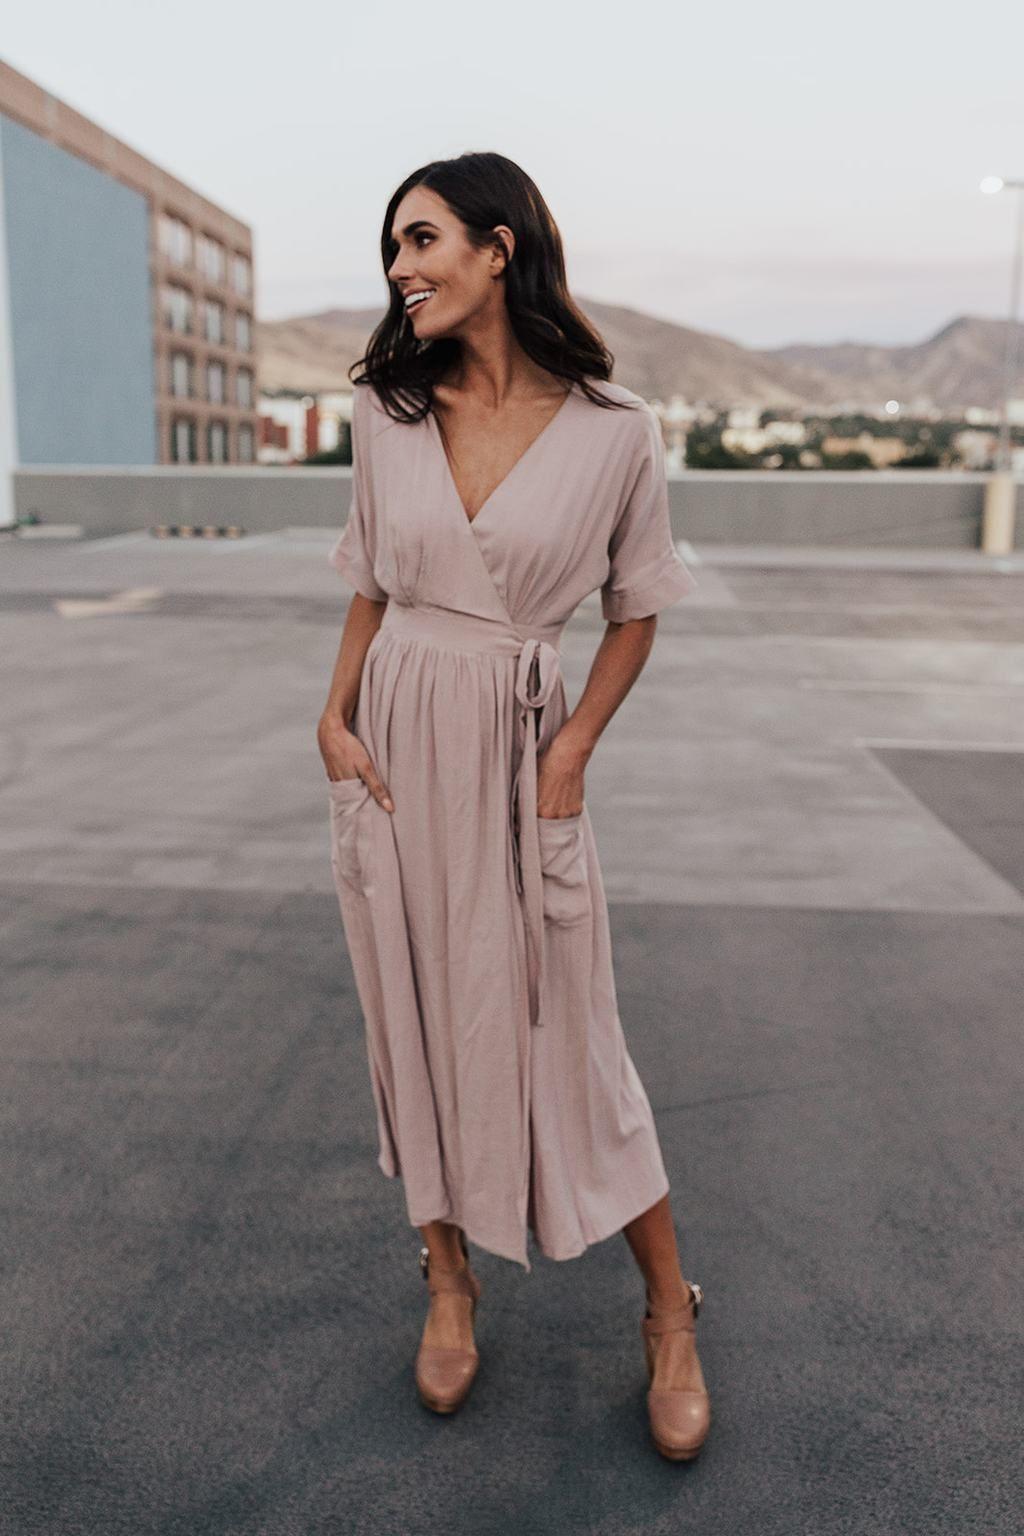 Kirby Linen Wrap Midi In Taupe Fashion Wrap Around Dress Taupe Midi Dress [ 1536 x 1024 Pixel ]